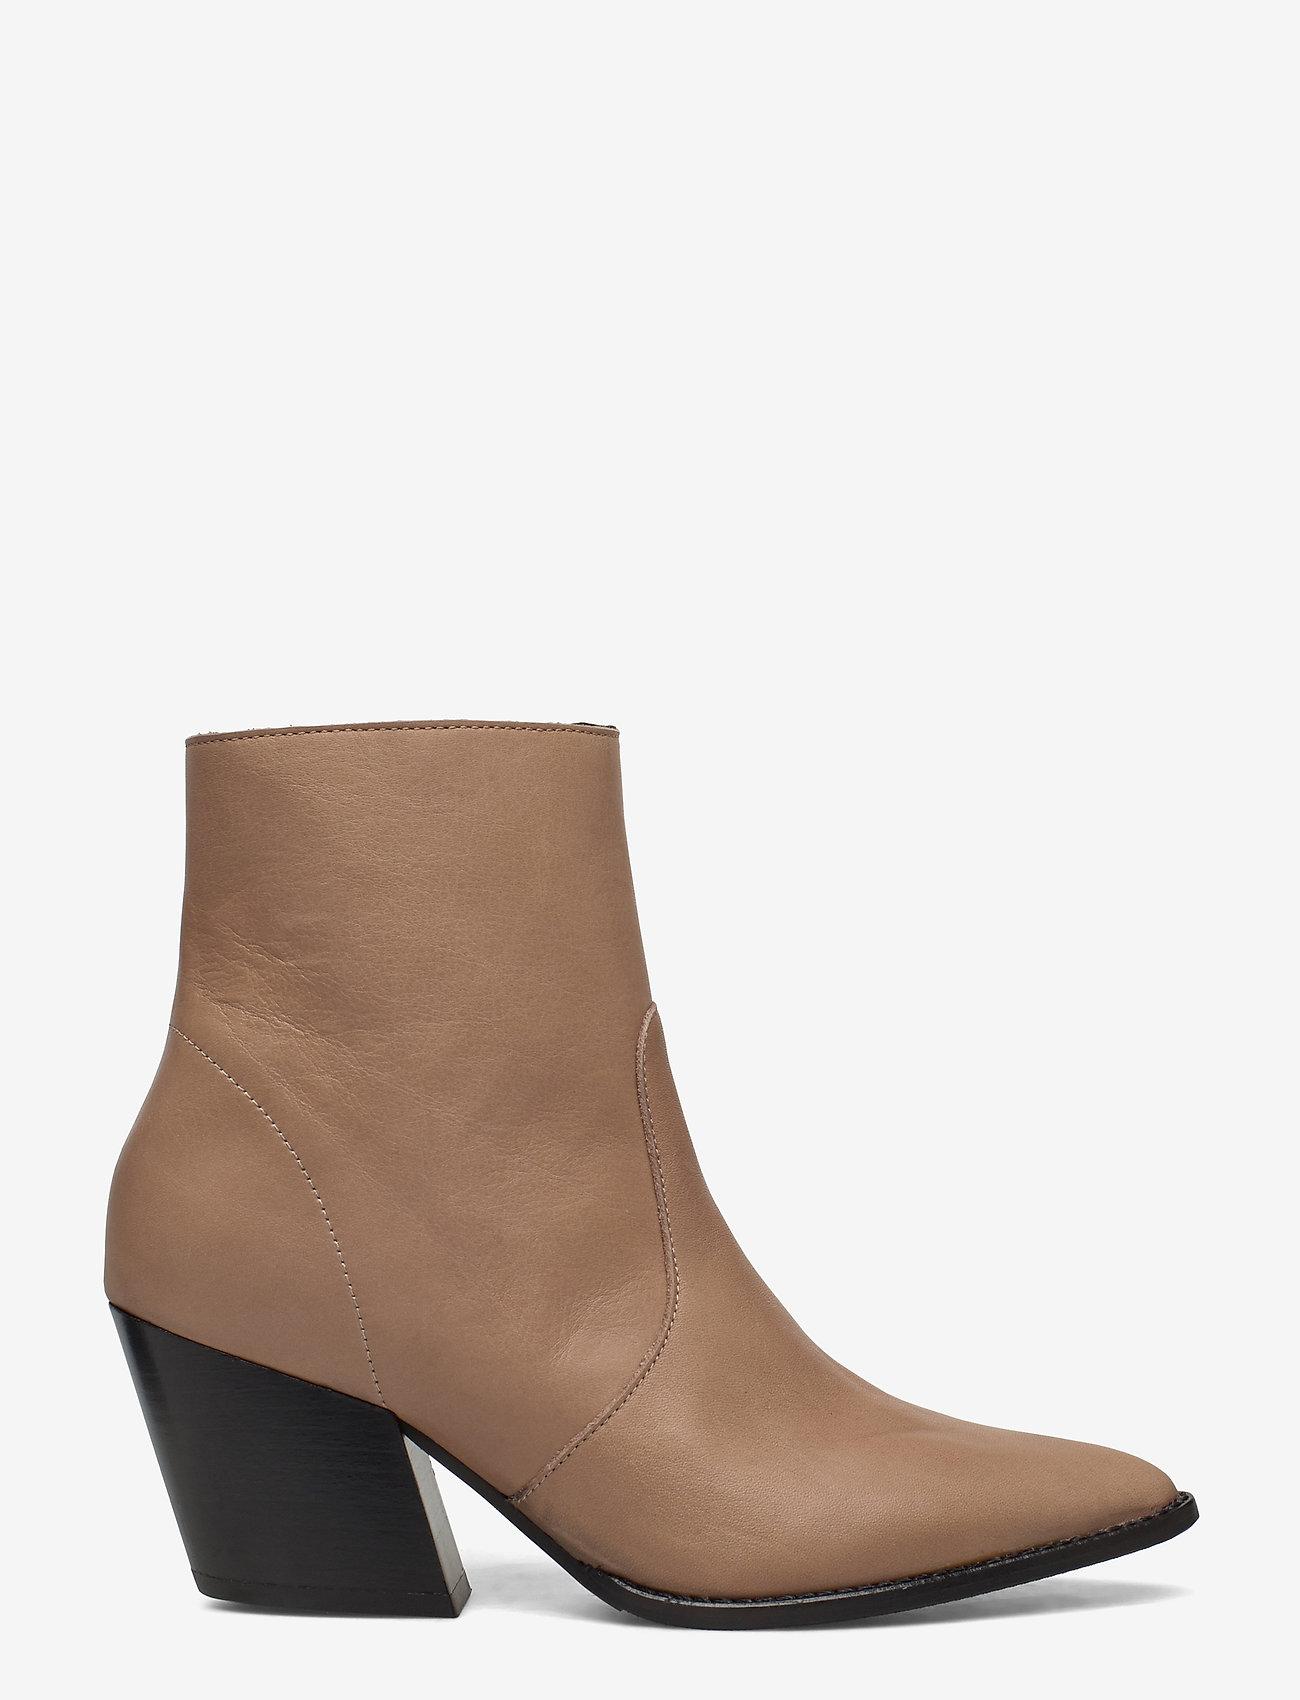 Selected Femme - SLFJULIE LEATHER BOOT B - ankelstøvler med hæl - tigers eye - 1